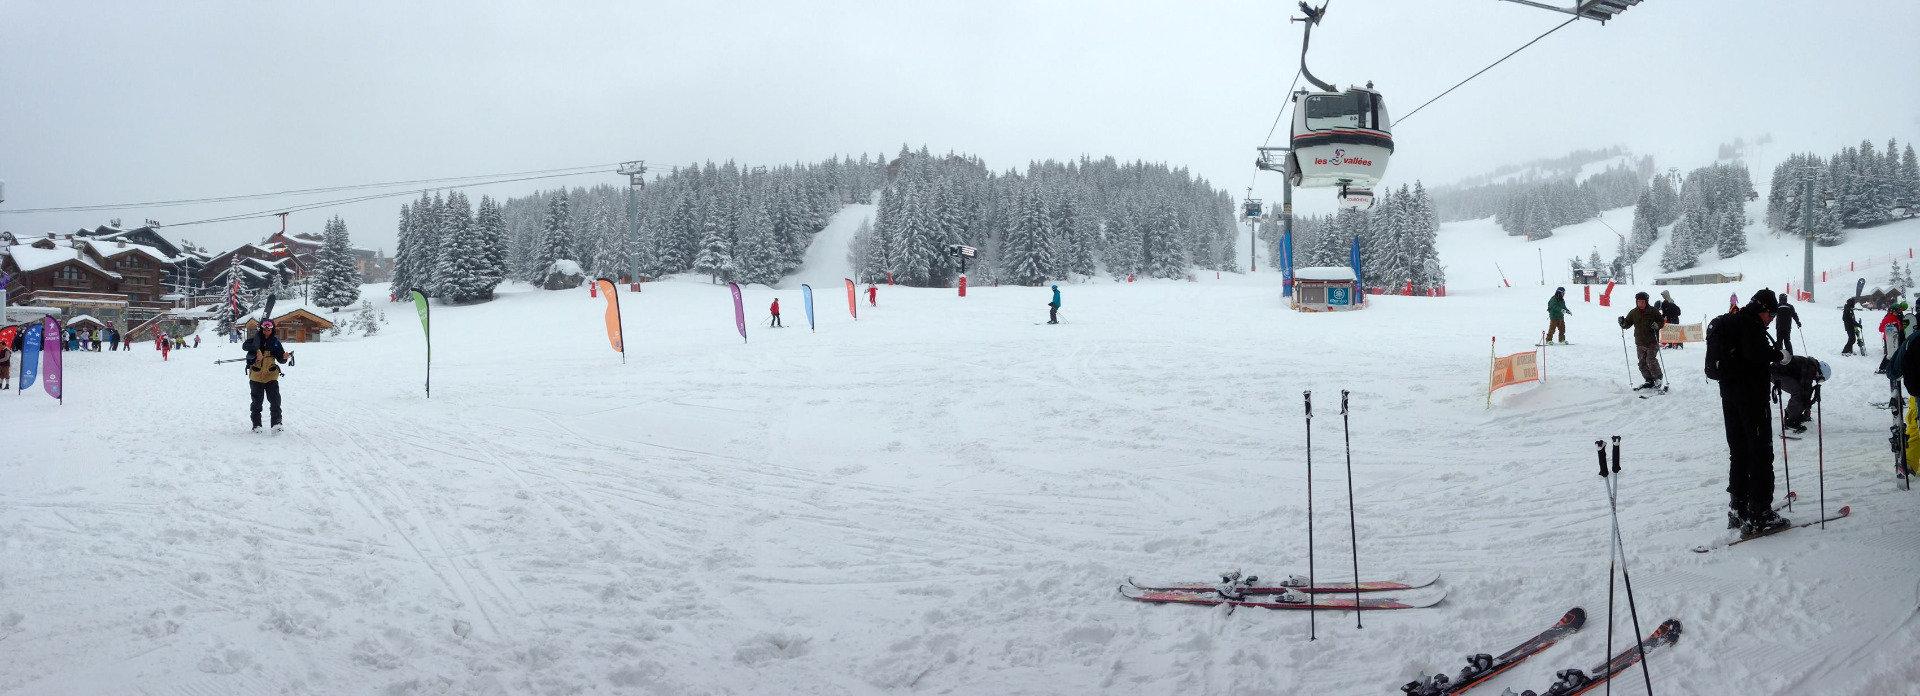 20 cm verse sneeuw in Courchevel op 14 januari 2014